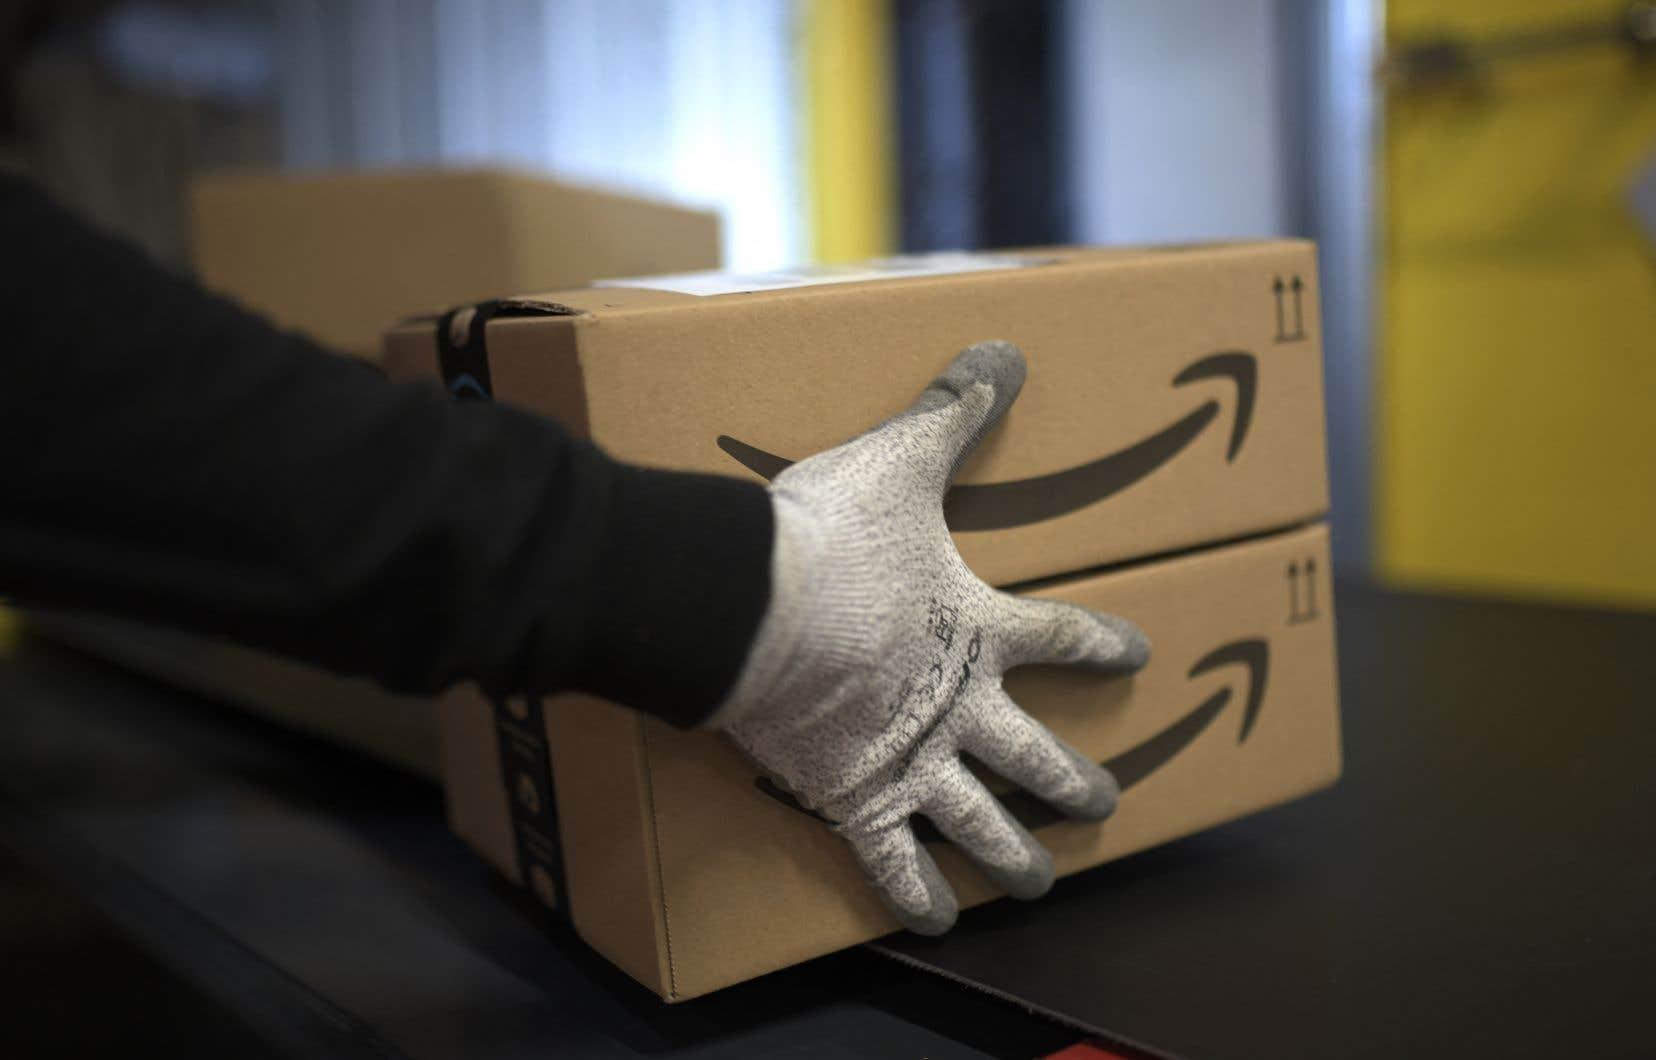 De plus en plus de cyberacheteurs sont séduits par Amazon Prime, un programme qui permet d'économiser notamment sur les frais de livraison.